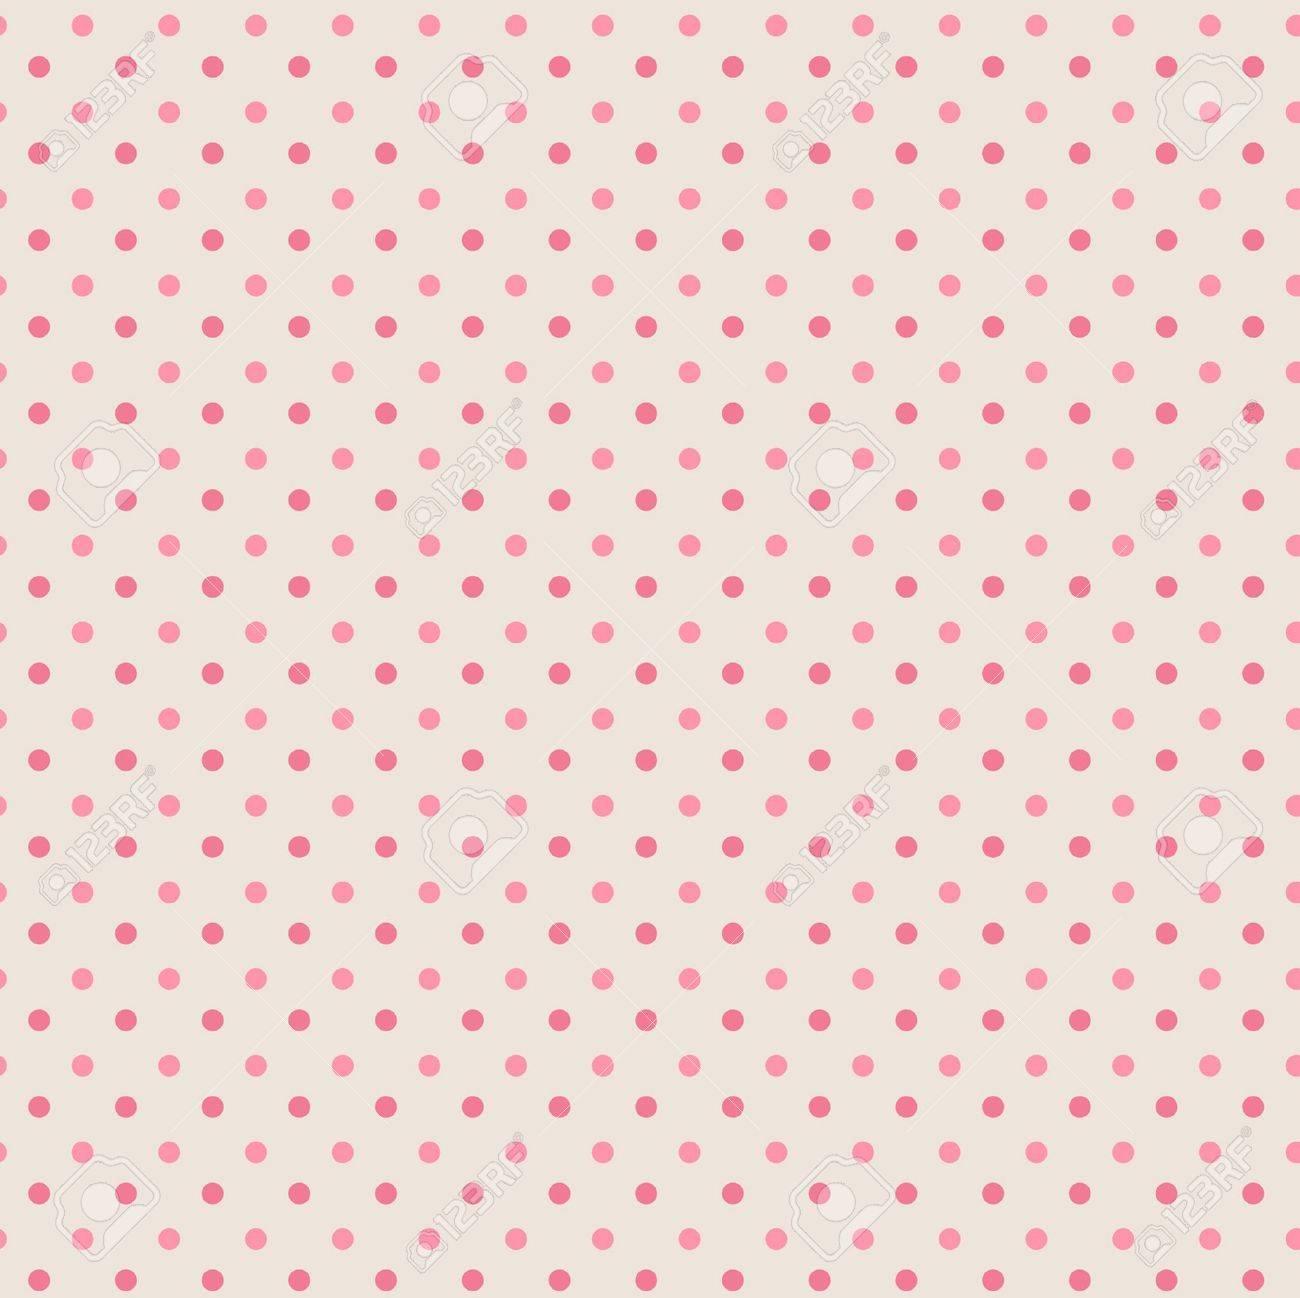 Polka dots, seamless pattern, grey, mixed pink Stock Vector - 12957658